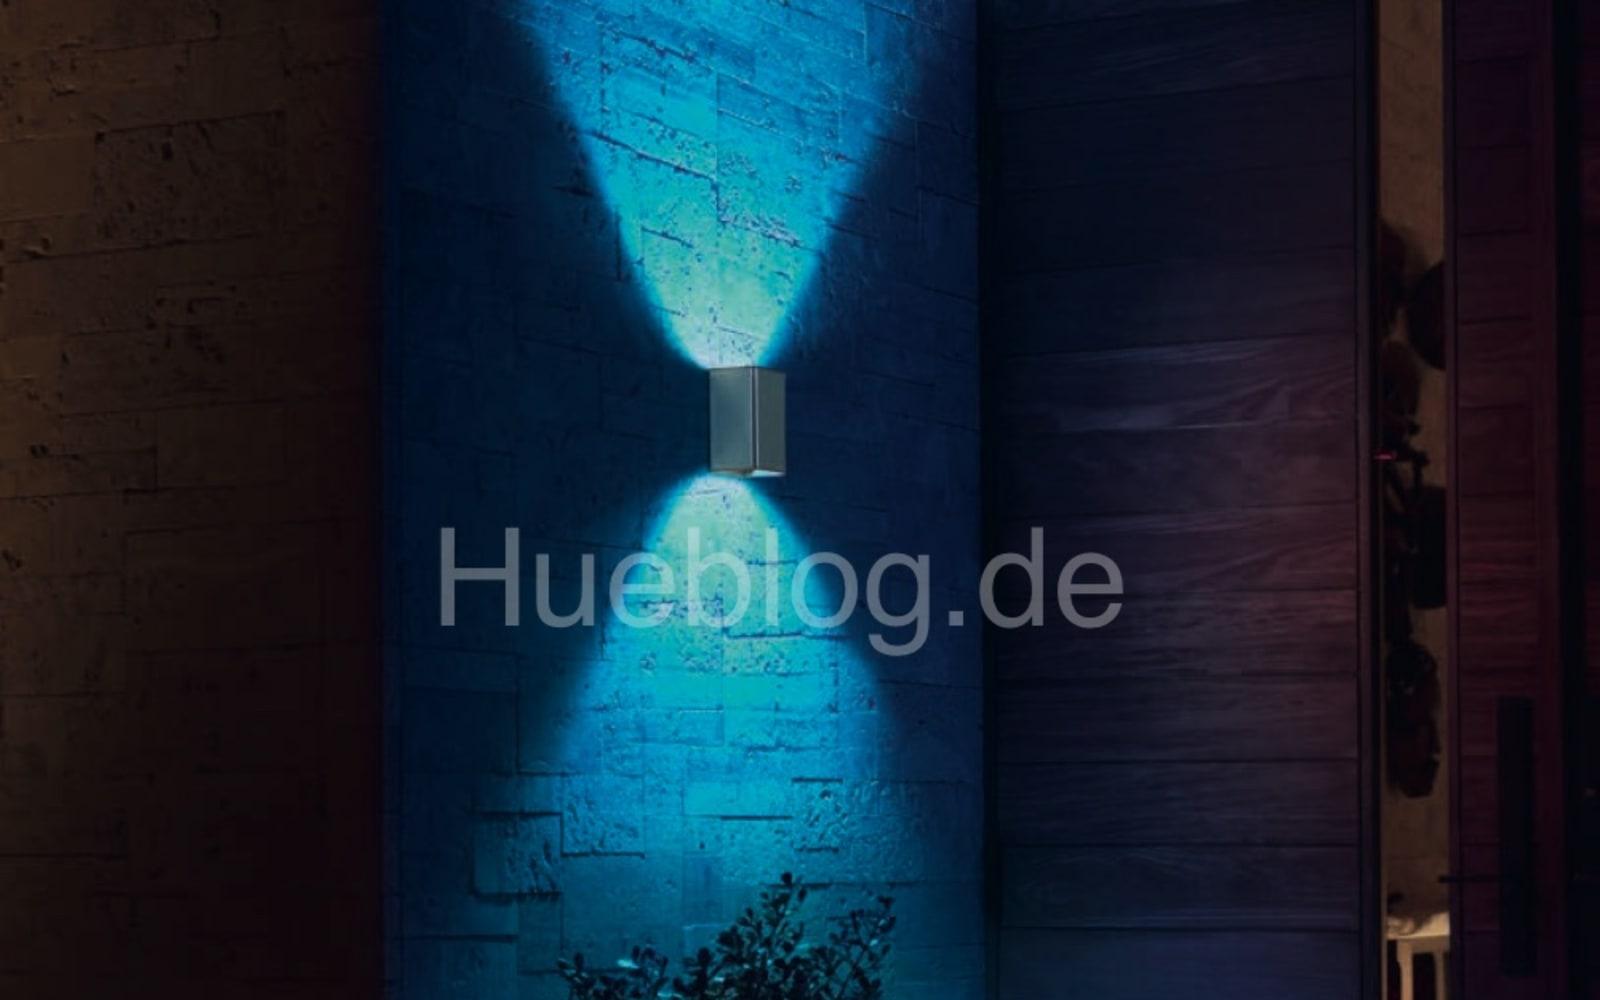 Hueblog.de